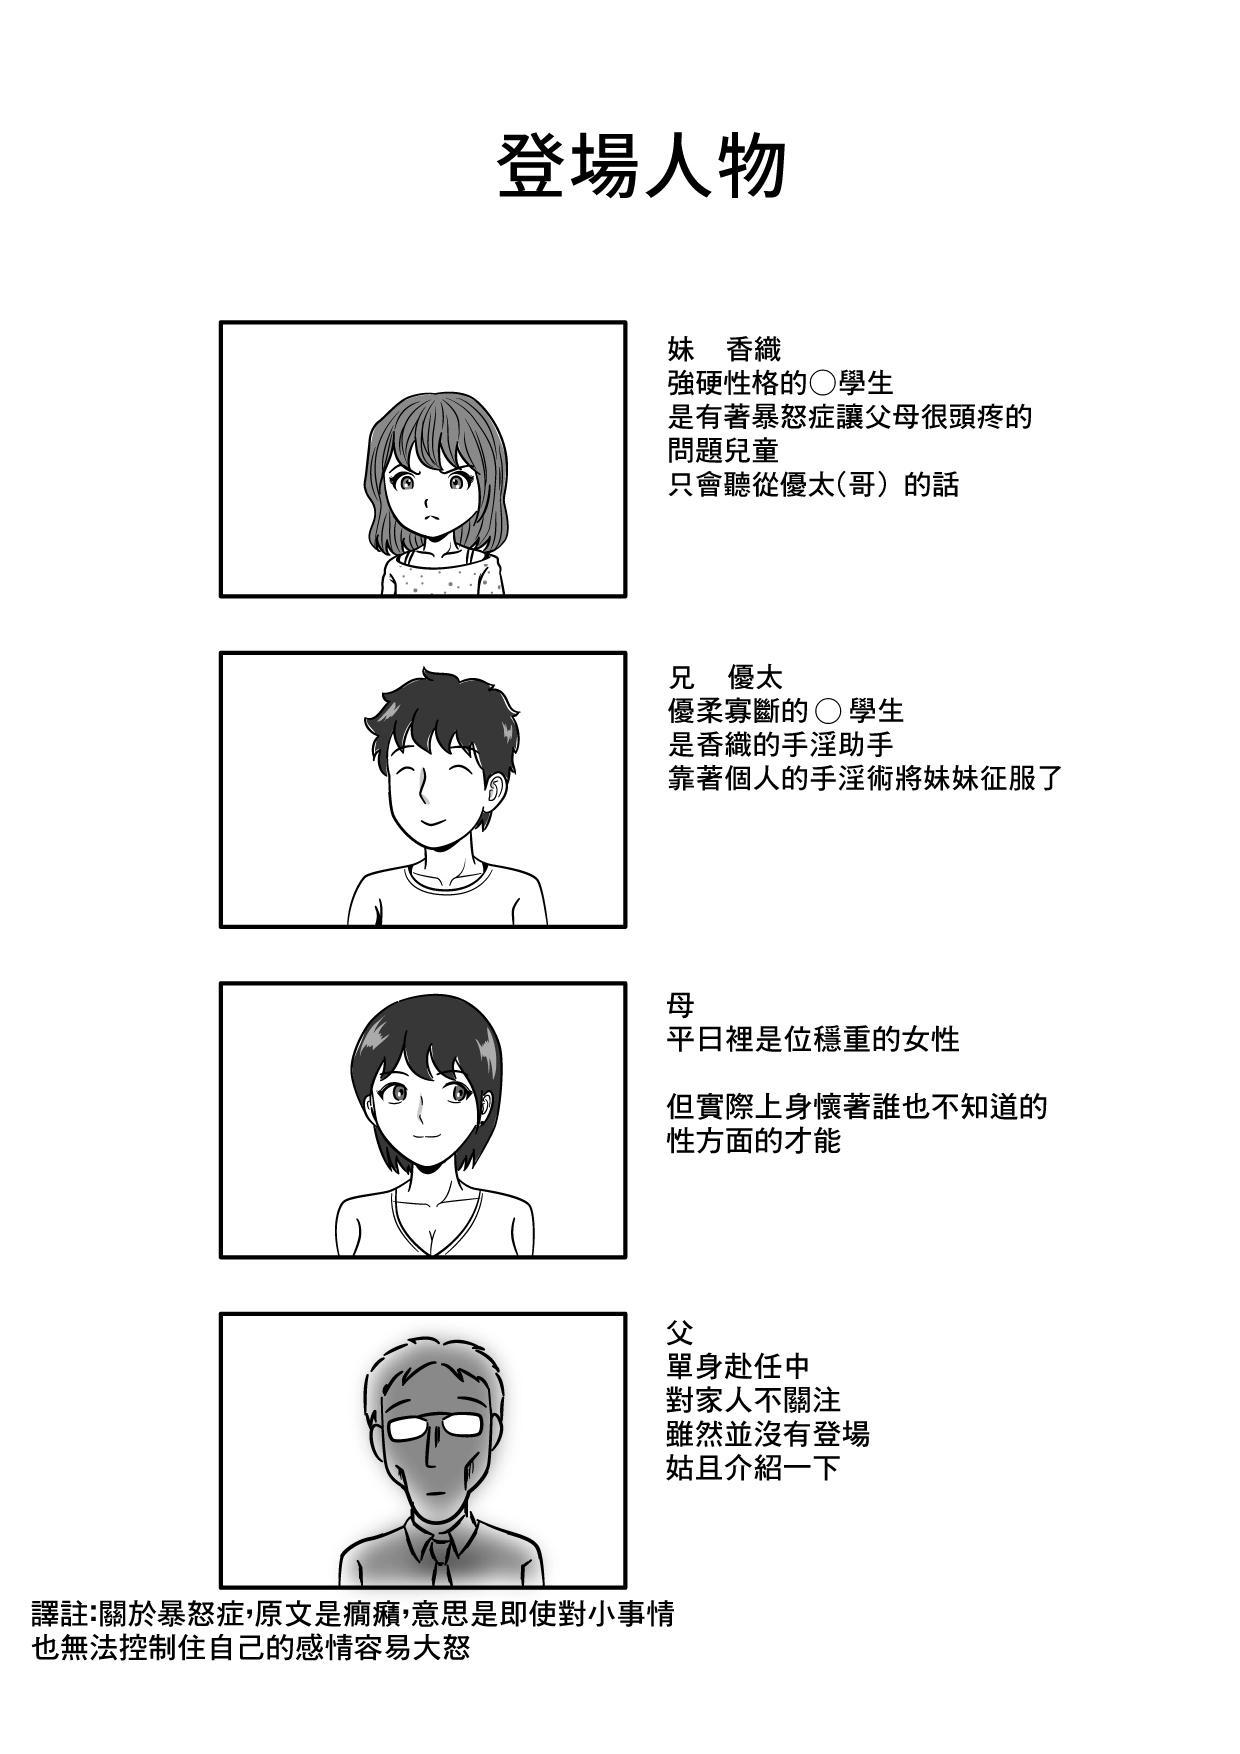 Imouto no Onanii o Tetsudau Ani Sore o Mimamoru Haha 2